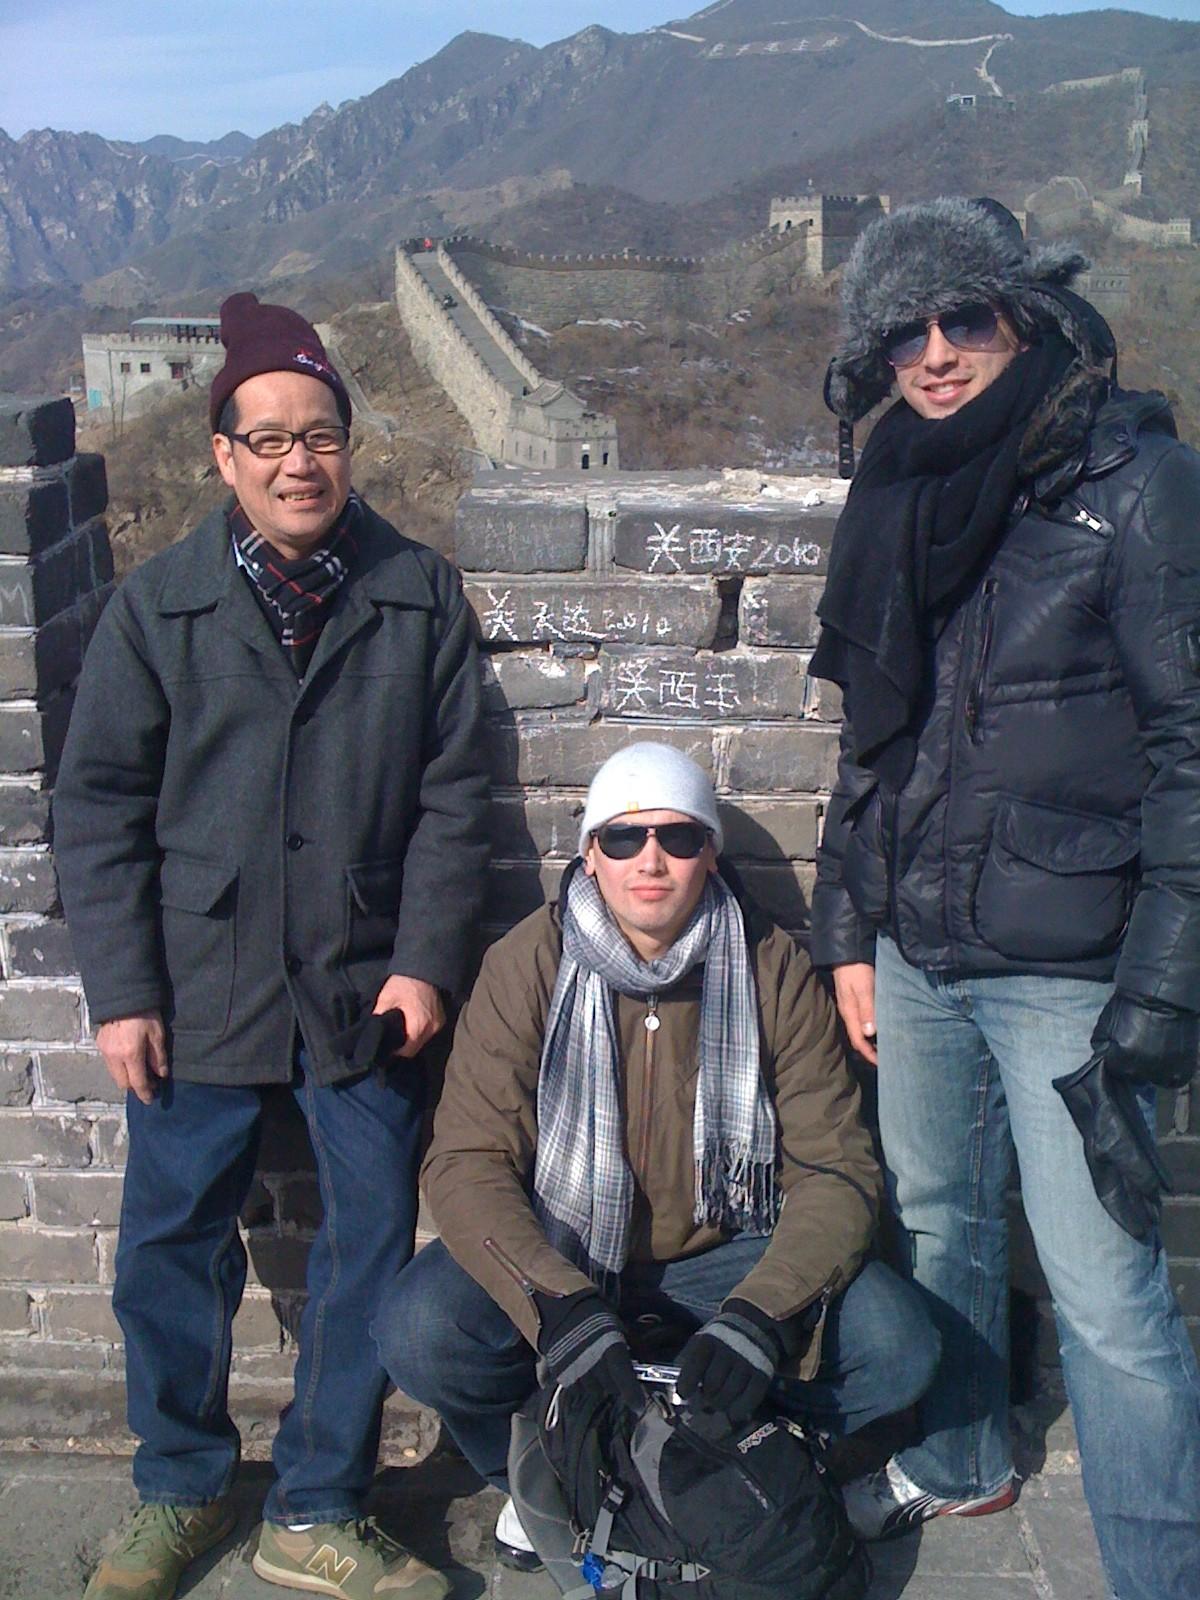 Tat, Alex and Justin Kwan atop the Great Wall of China at Mu Tian Yu.